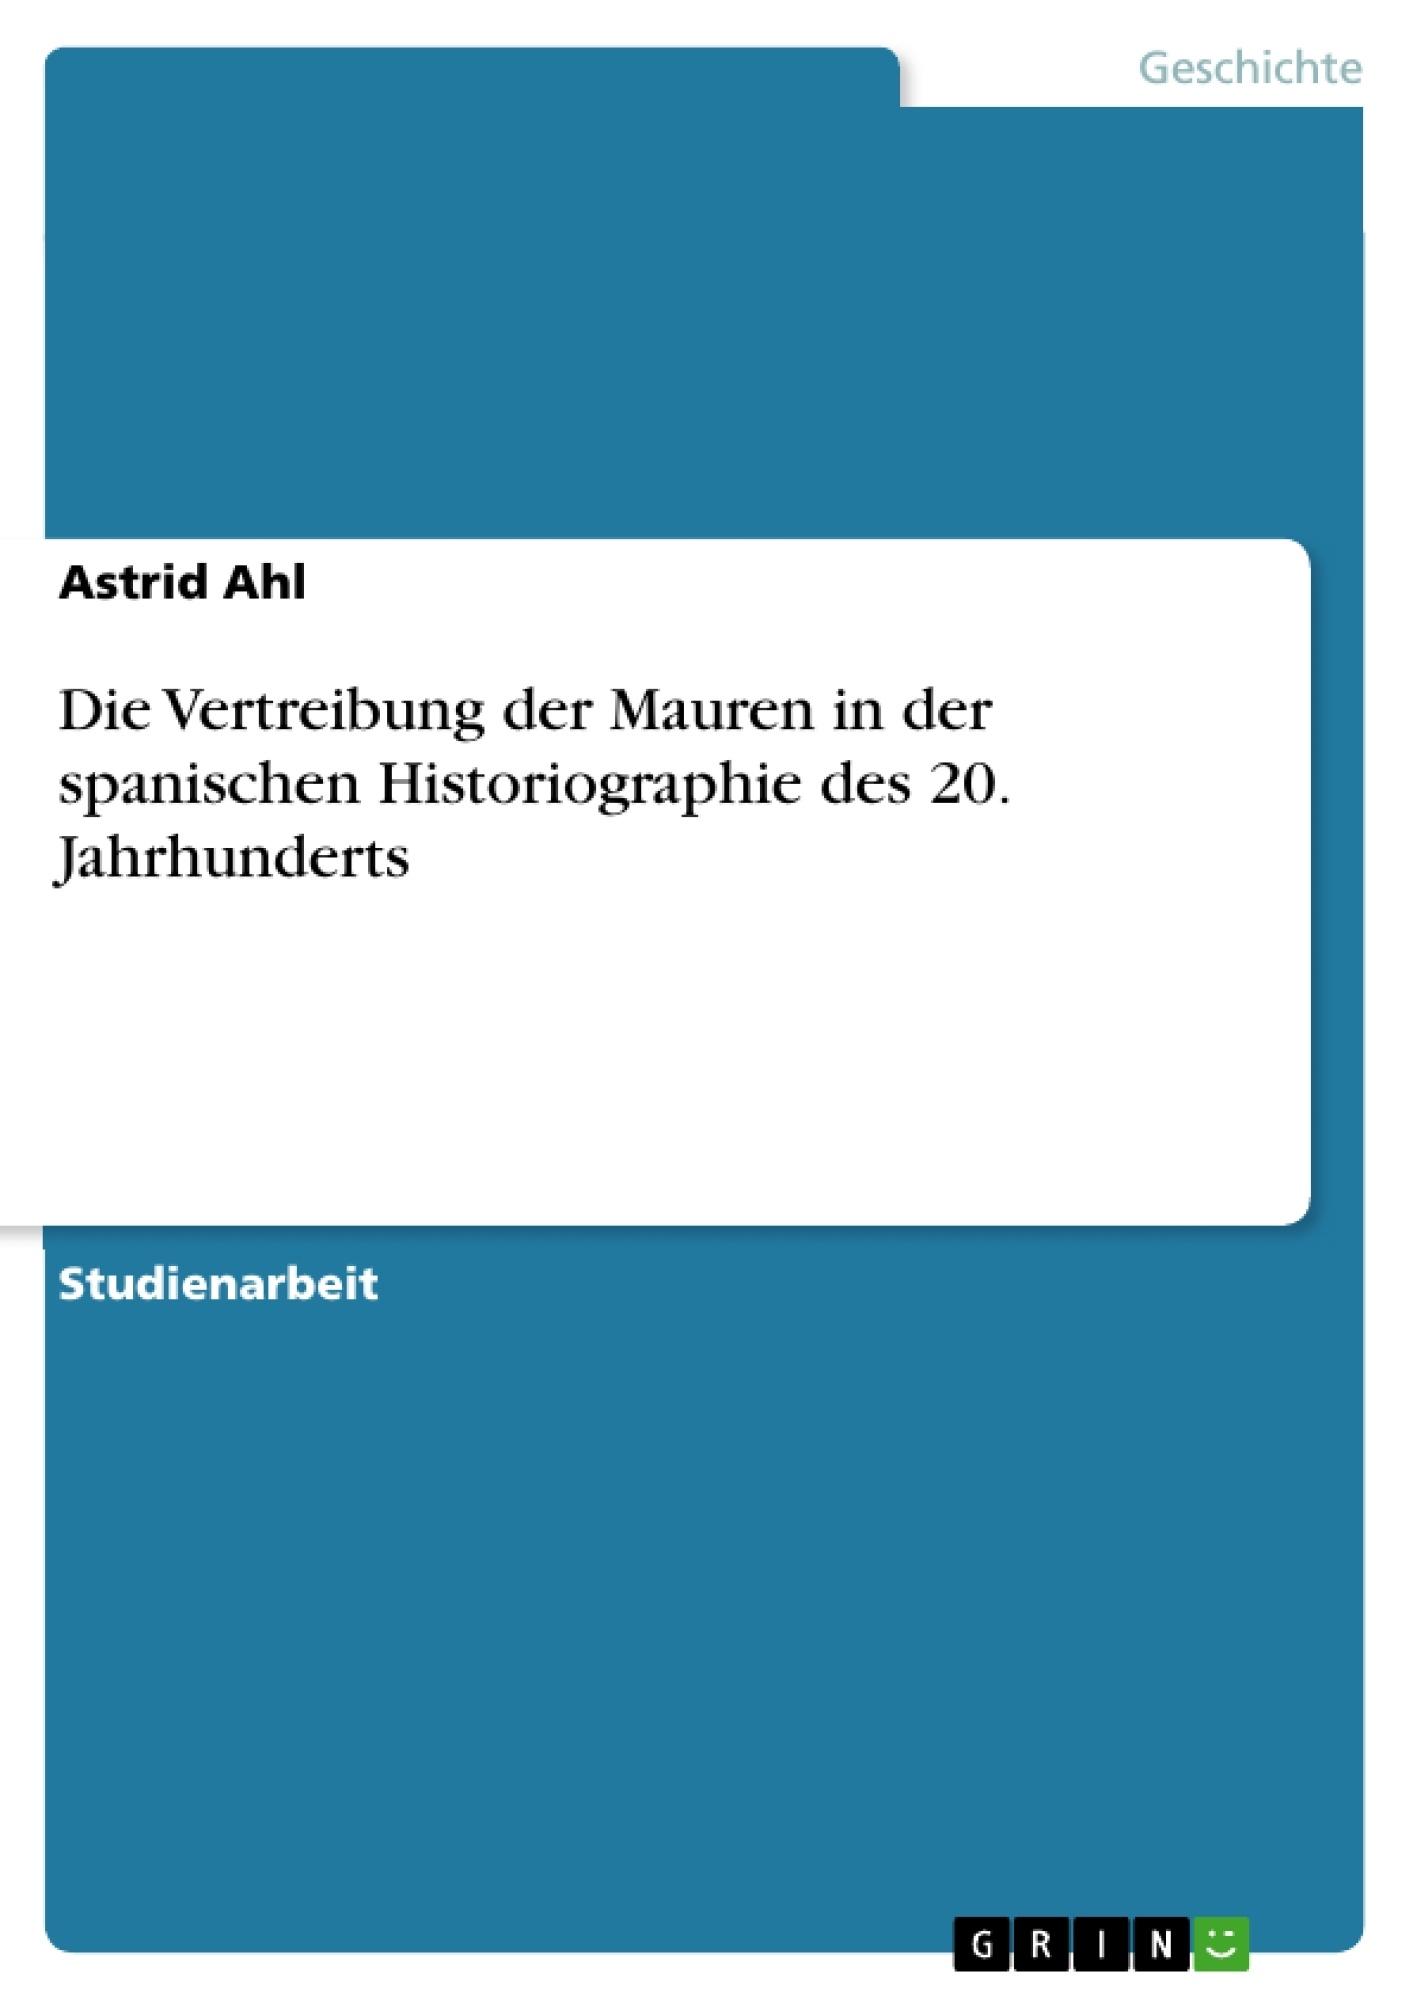 Titel: Die Vertreibung der Mauren in der spanischen Historiographie des 20. Jahrhunderts